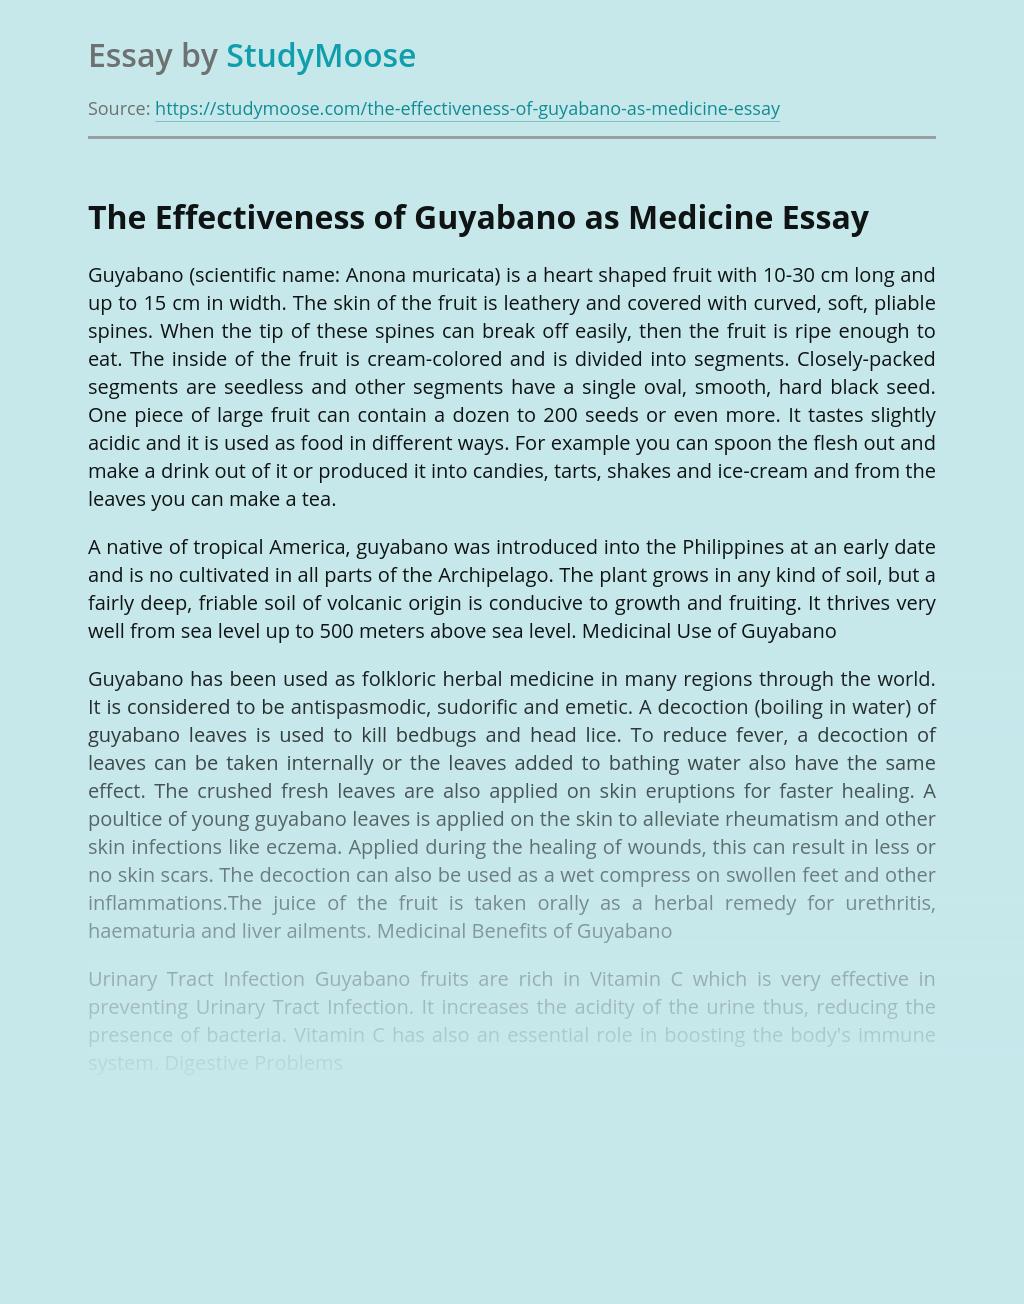 The Effectiveness of Guyabano as Medicine